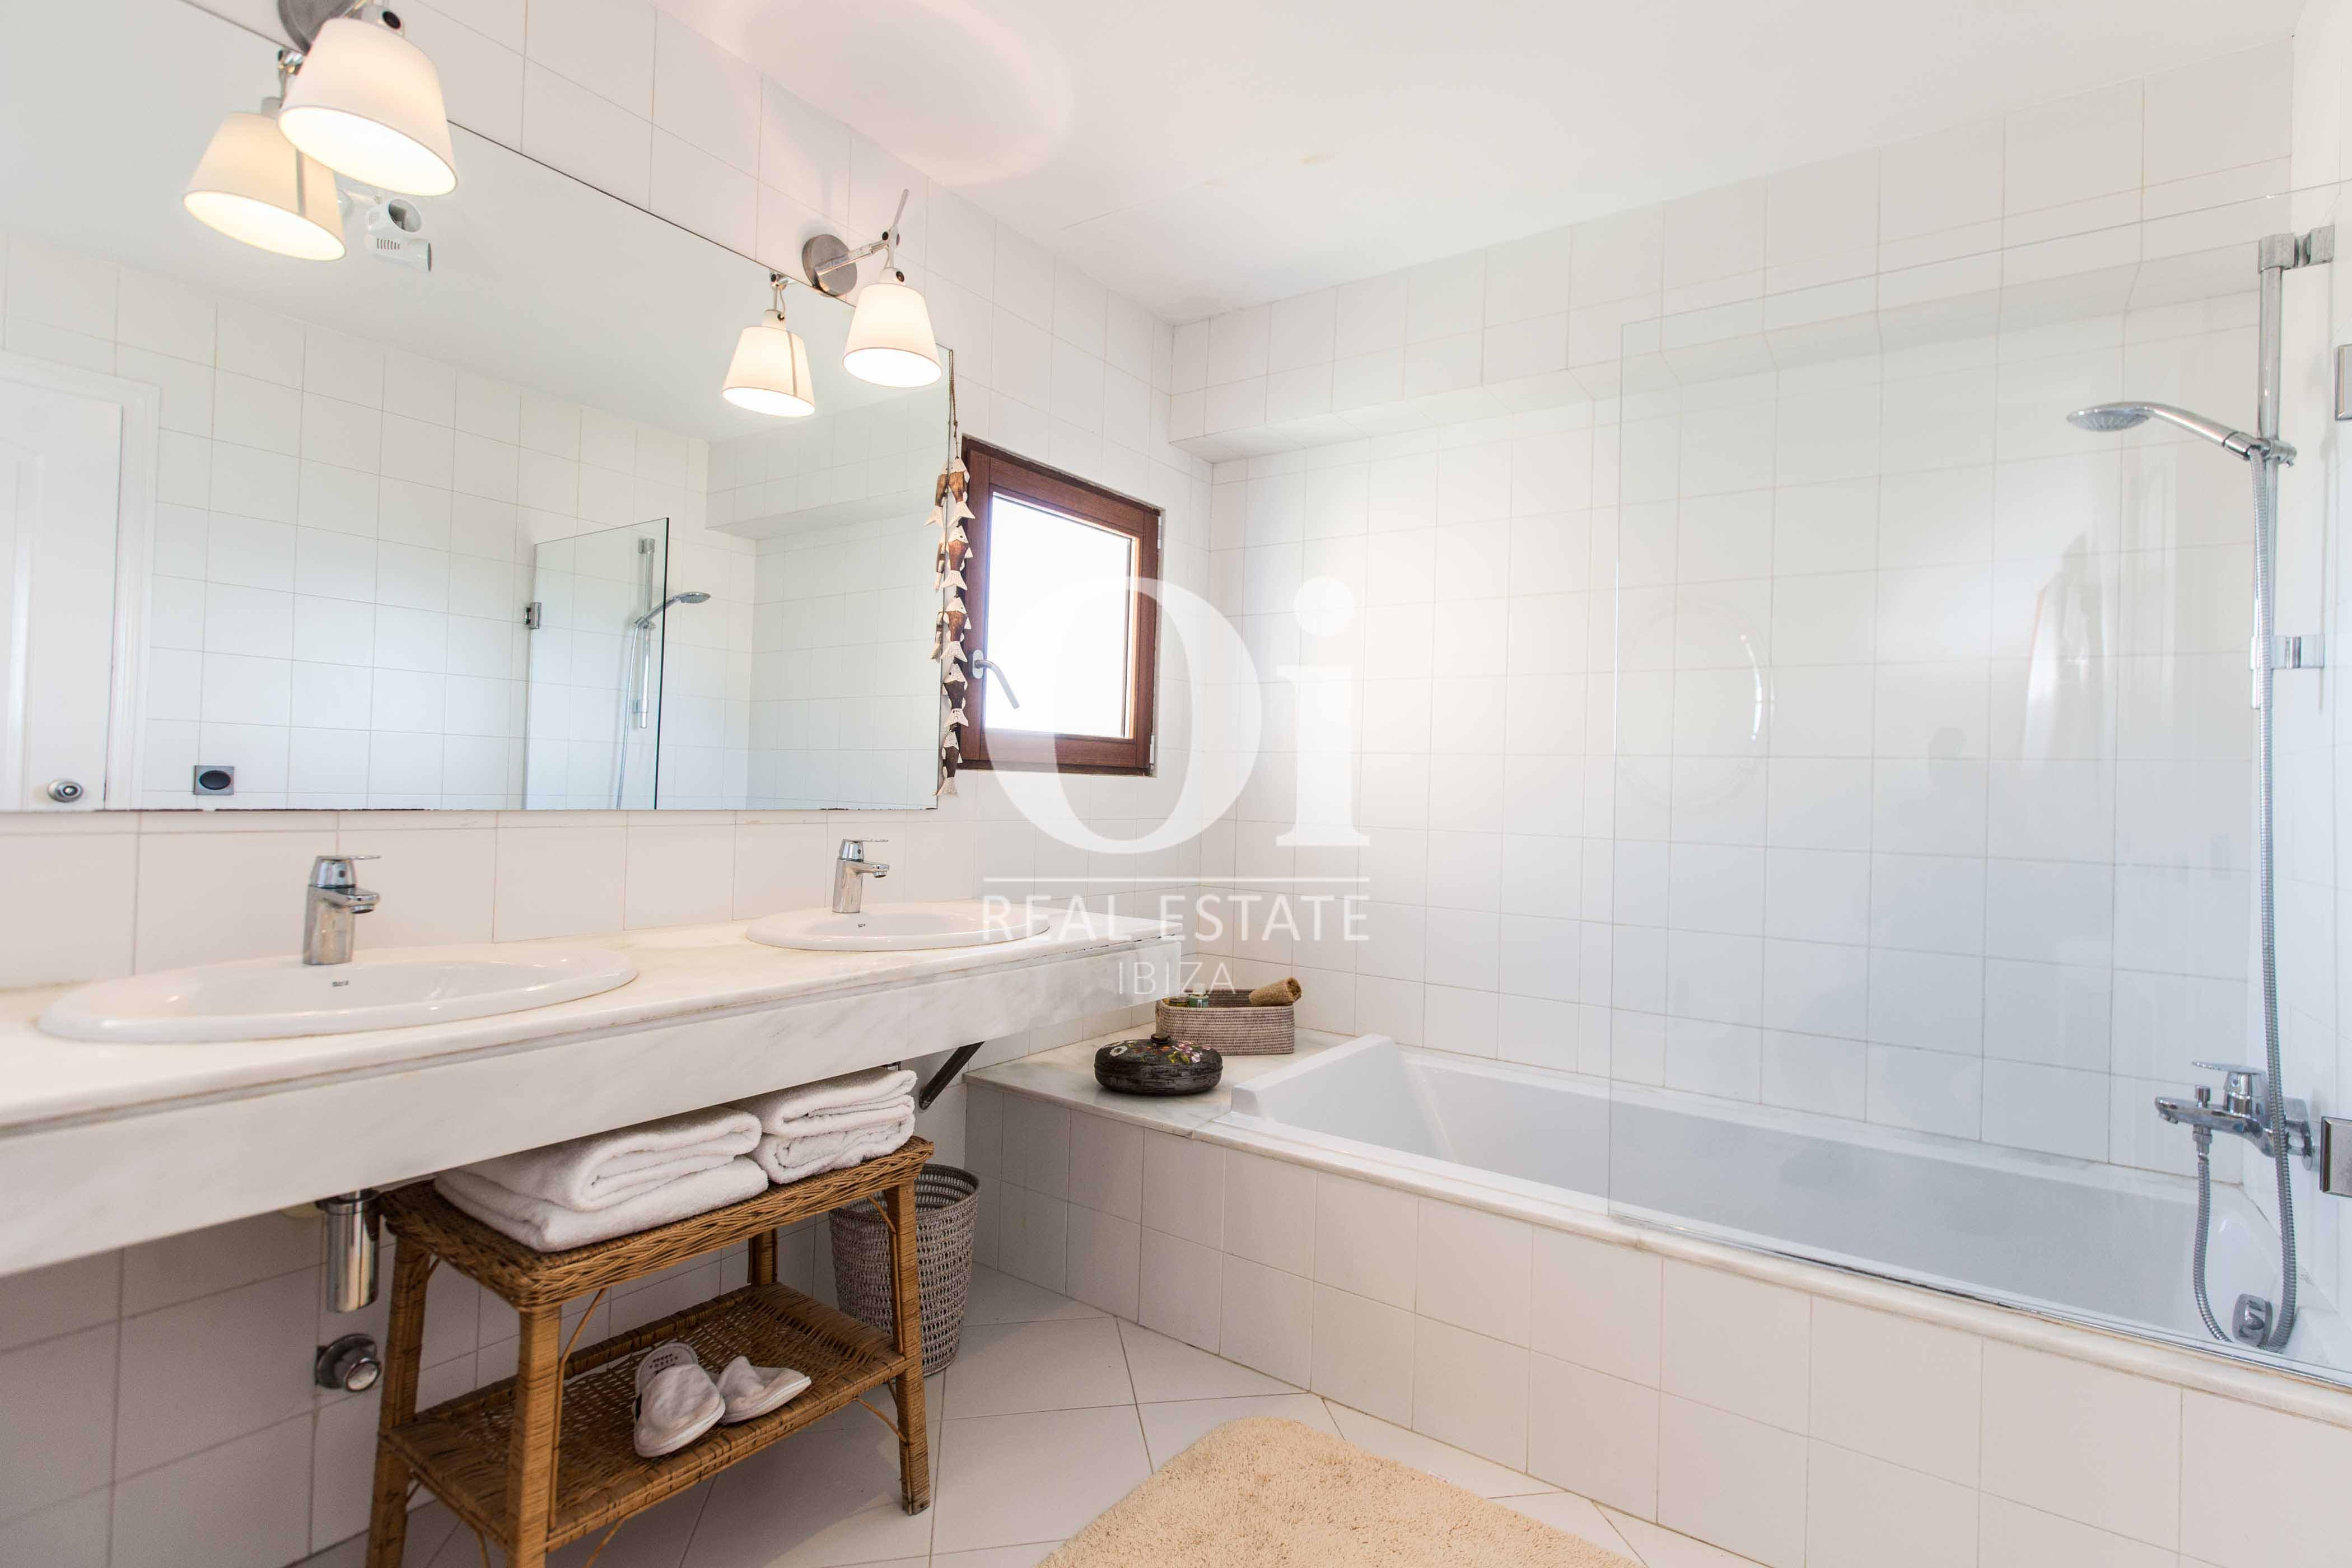 Blick in ein Bad der Ferien-Villa in Roca Llisa, Ibiza